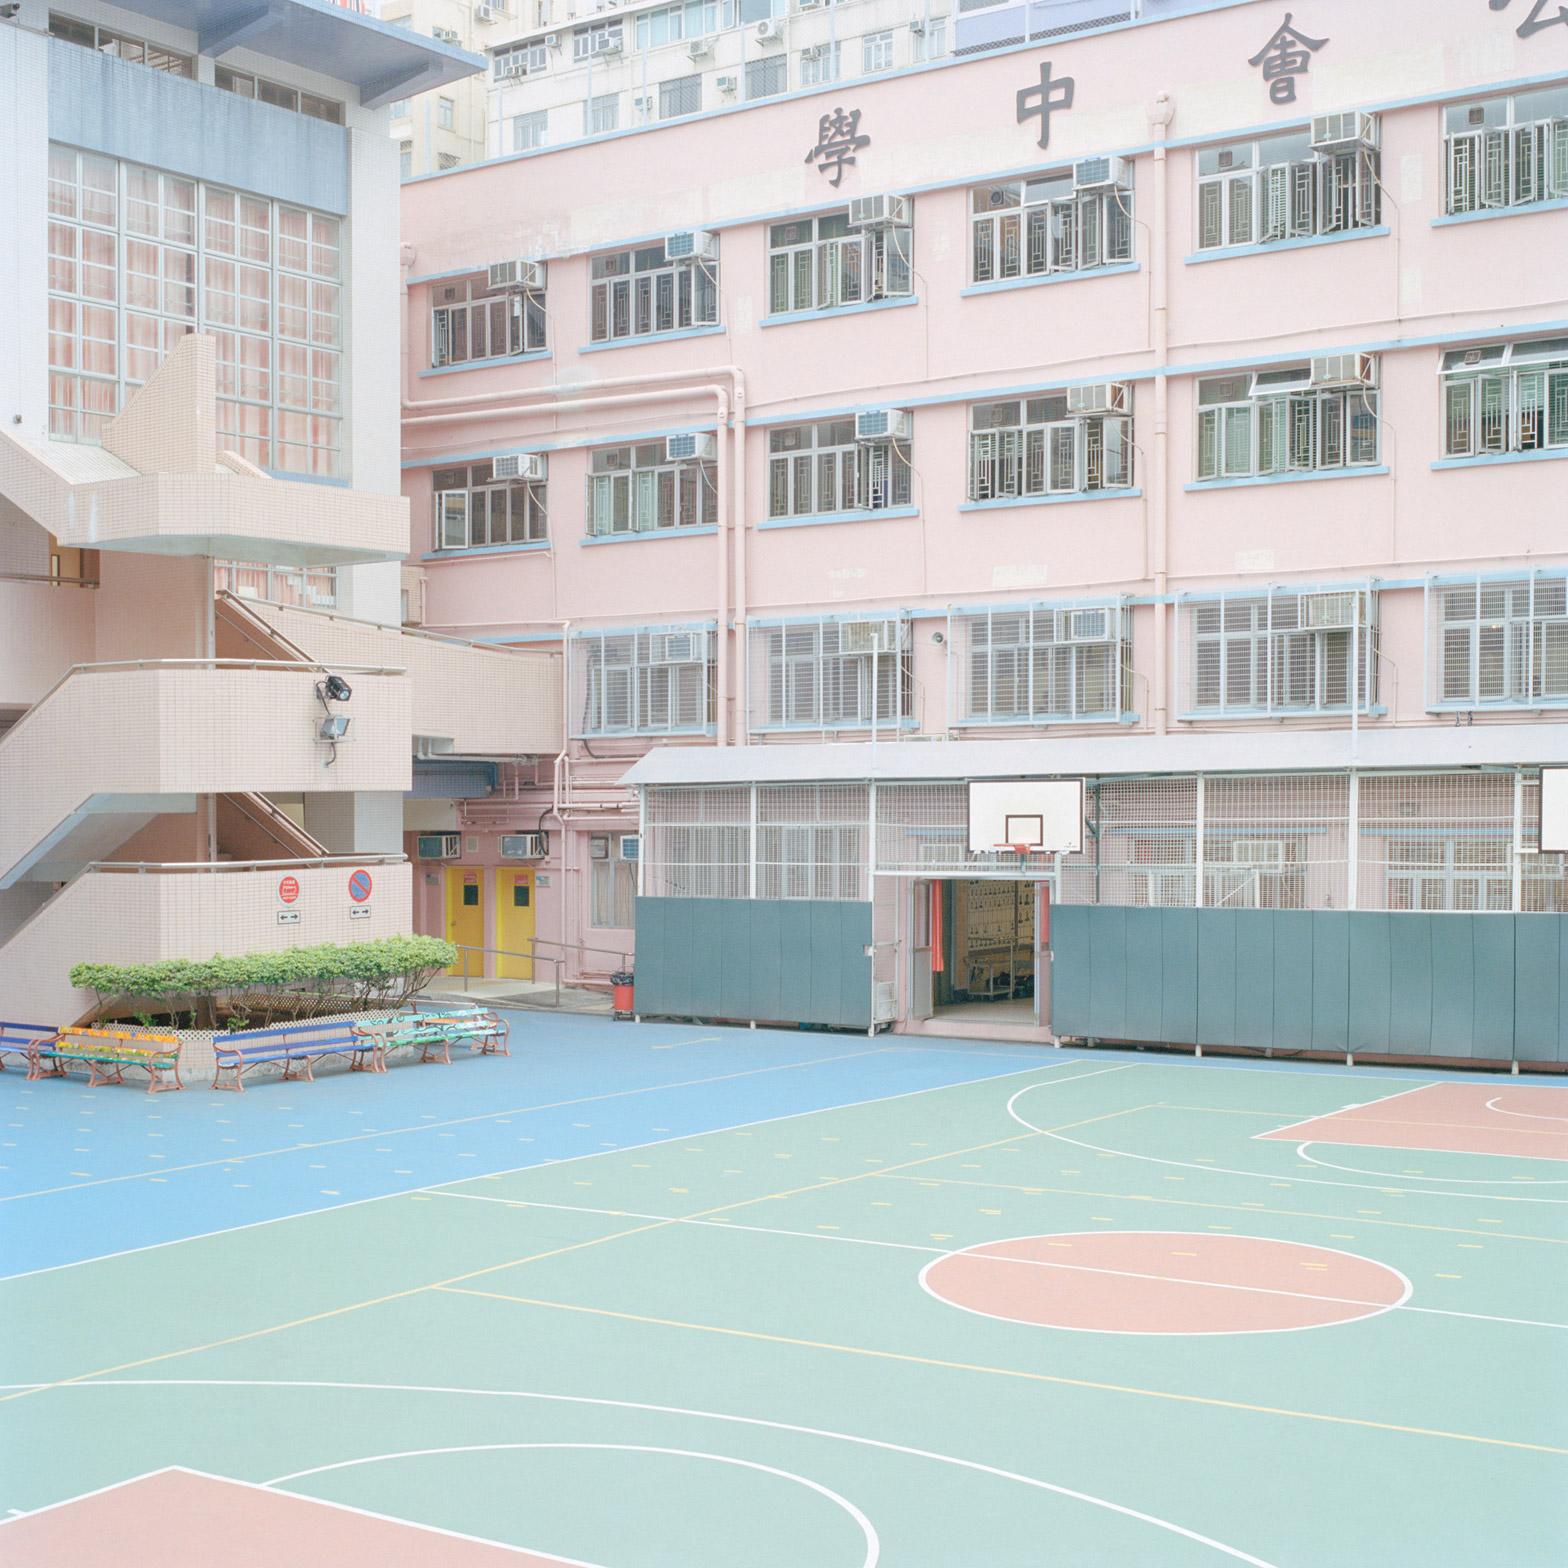 courts-by-ward-roberts_dezeen_1568_2.jpg